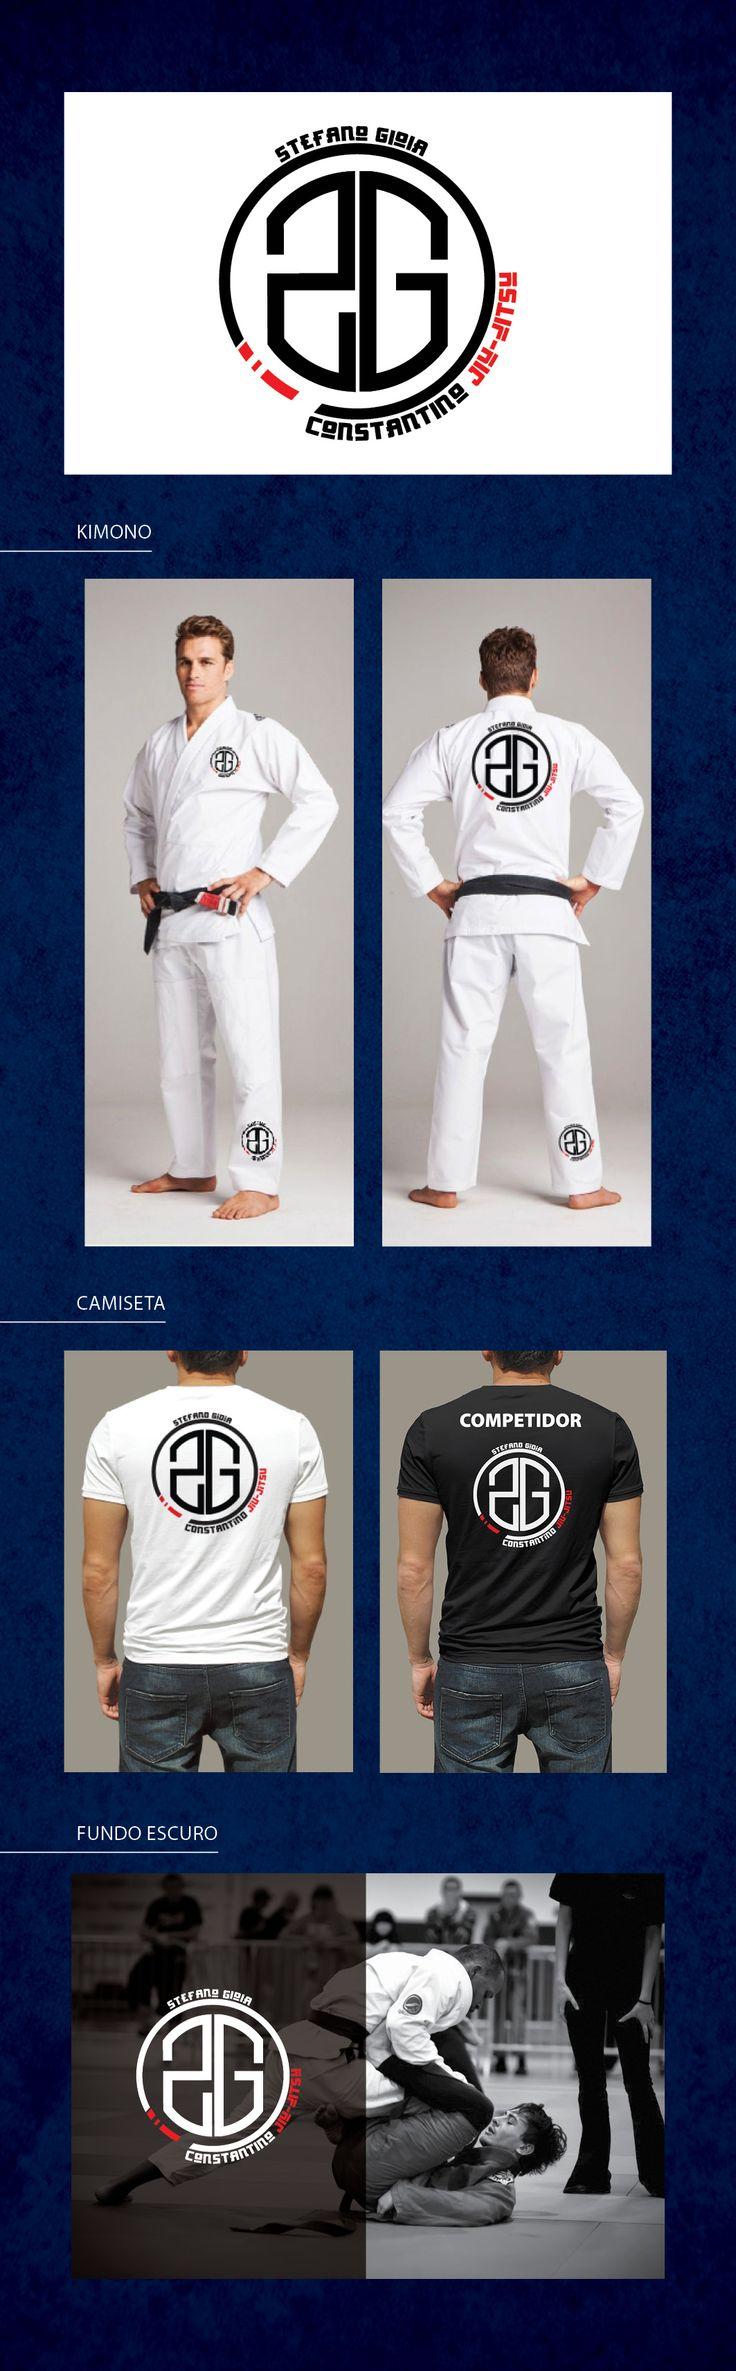 Jiu-jitsu - logo e aplicação   #jiujitsu #logo #bjj #kimono #martialarts